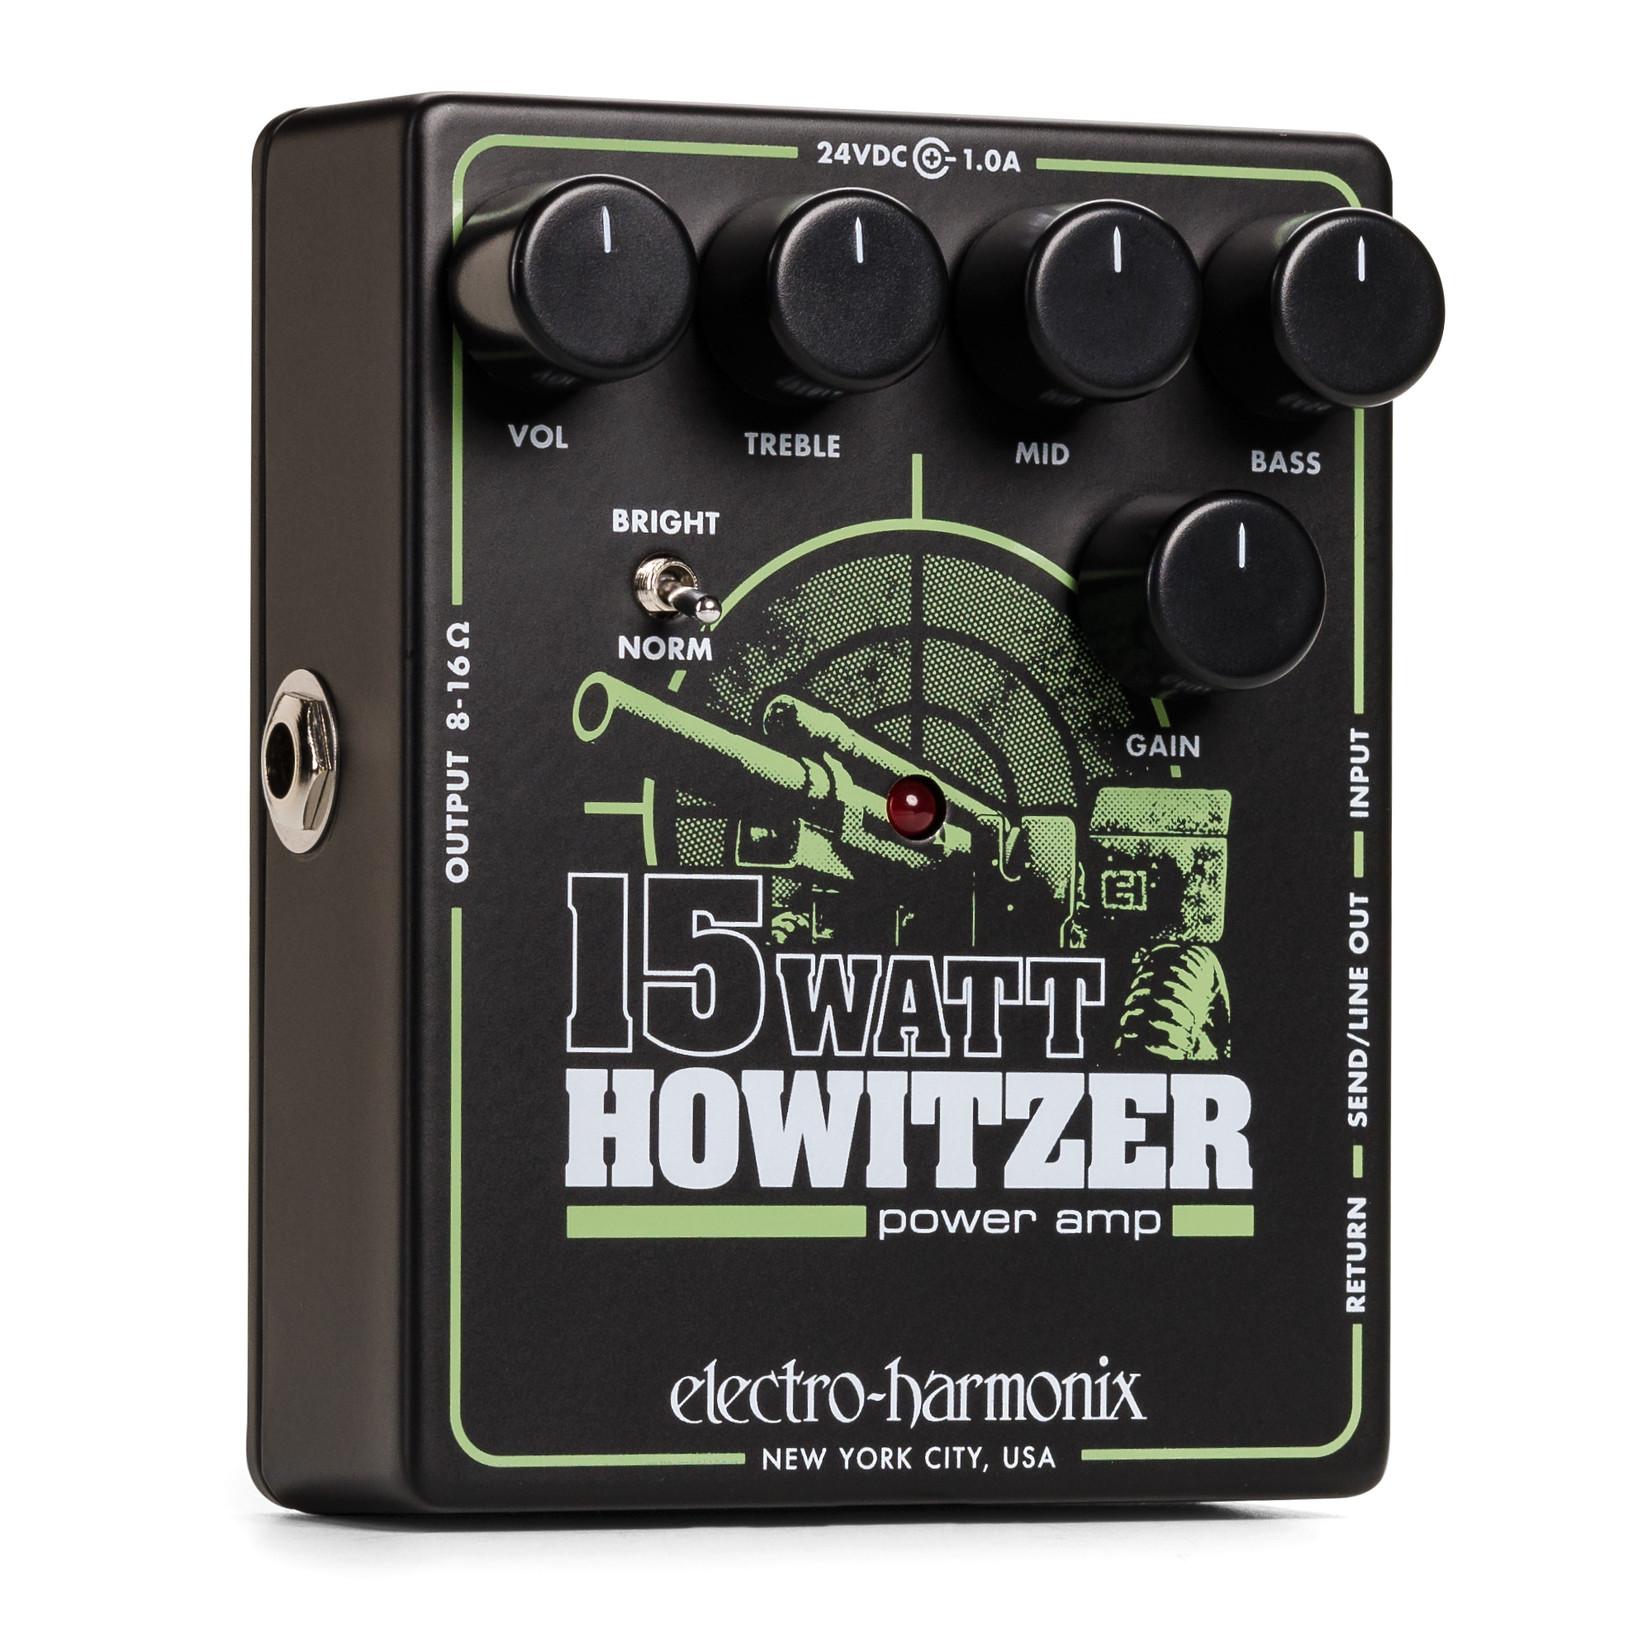 Electro-Harmonix Electro-Harmonix 15 Watt Howitzer Guitar Preamp and Power Amp